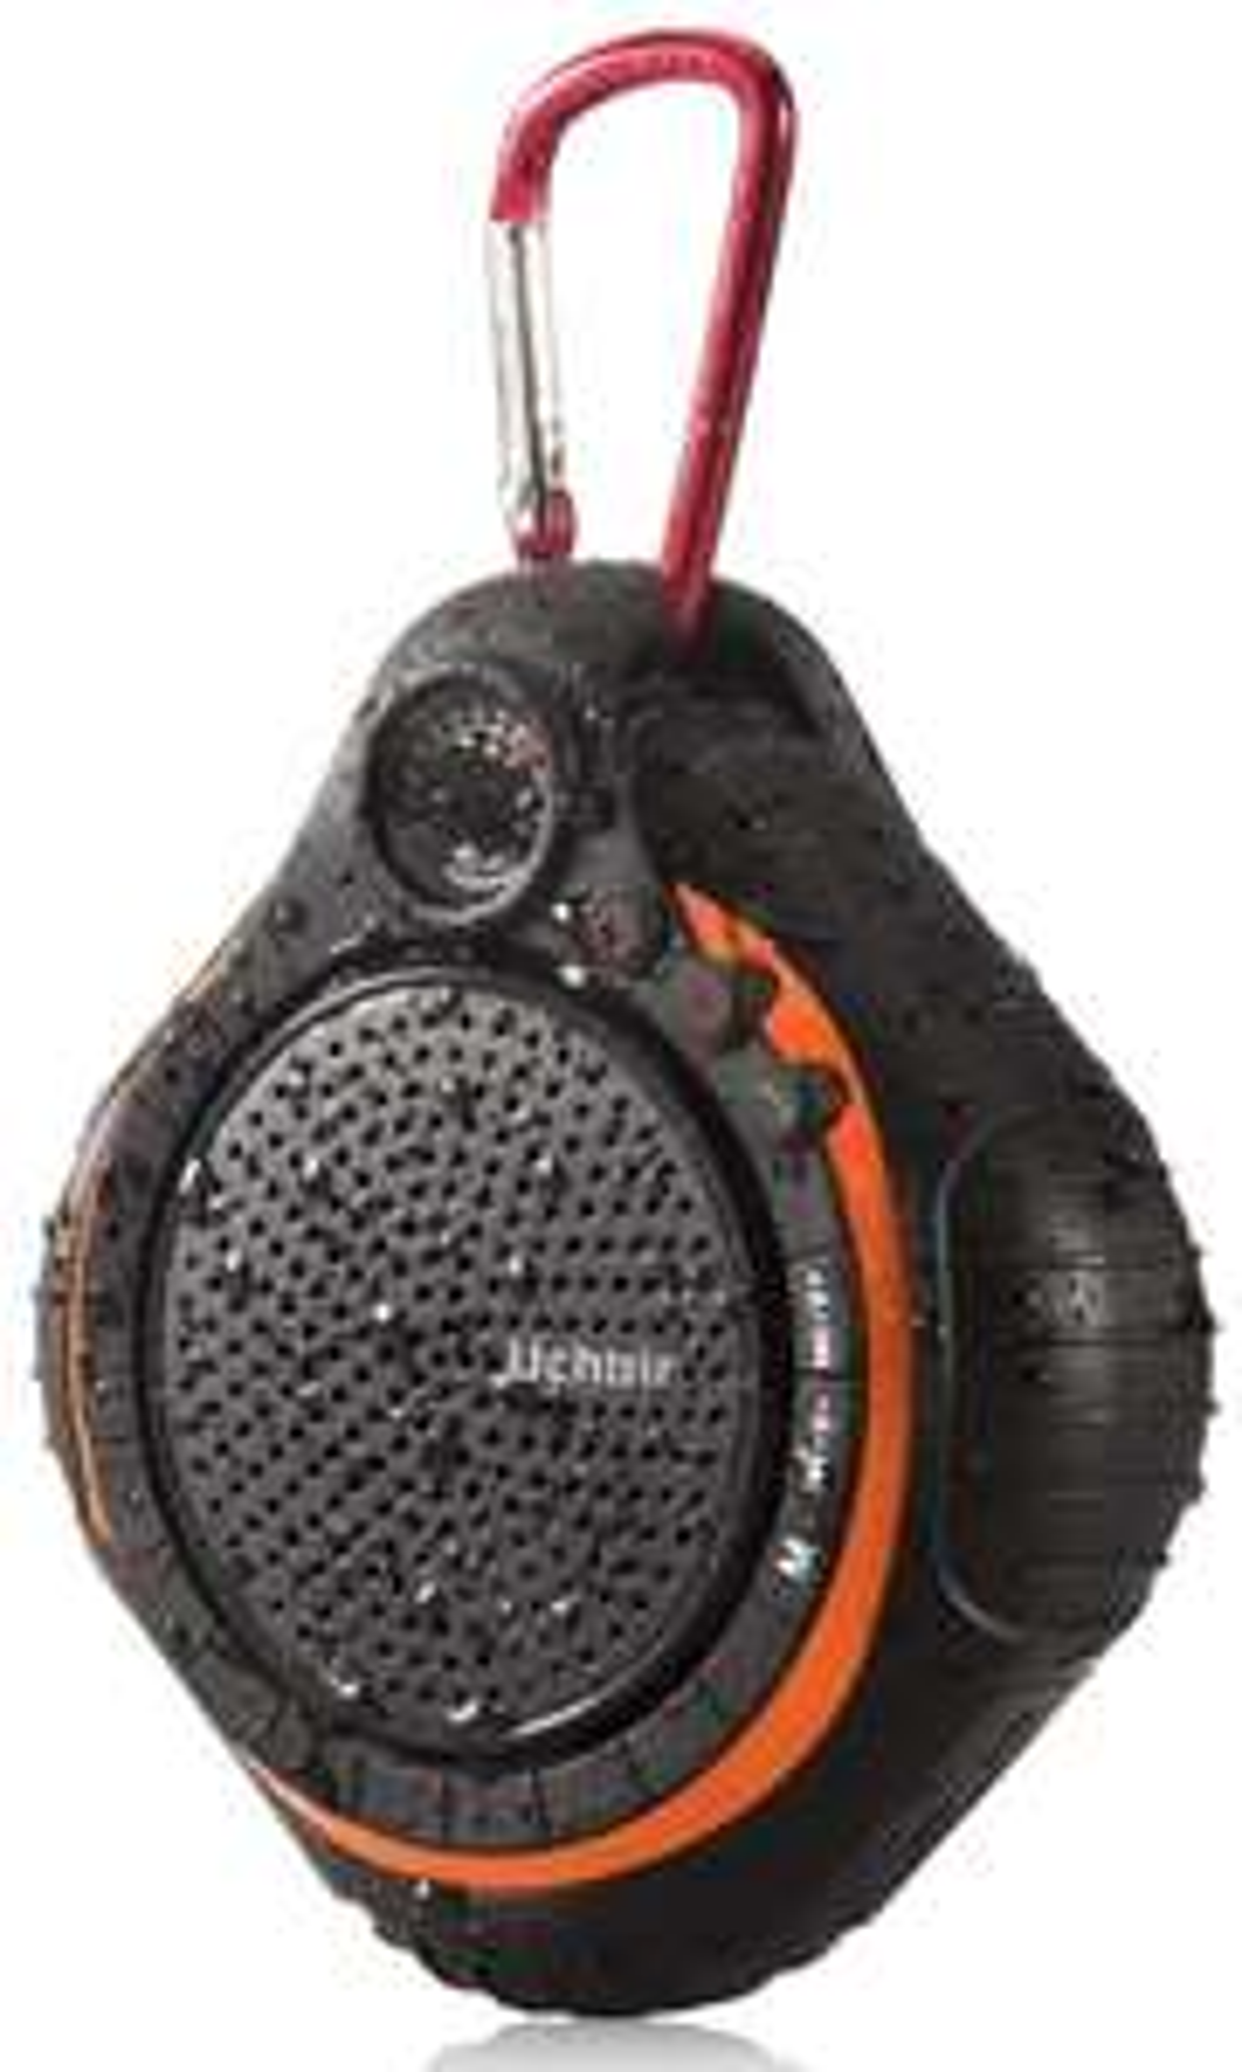 Uchoir Mini Bluetooth Lautsprecher Wasserdicht IPX7